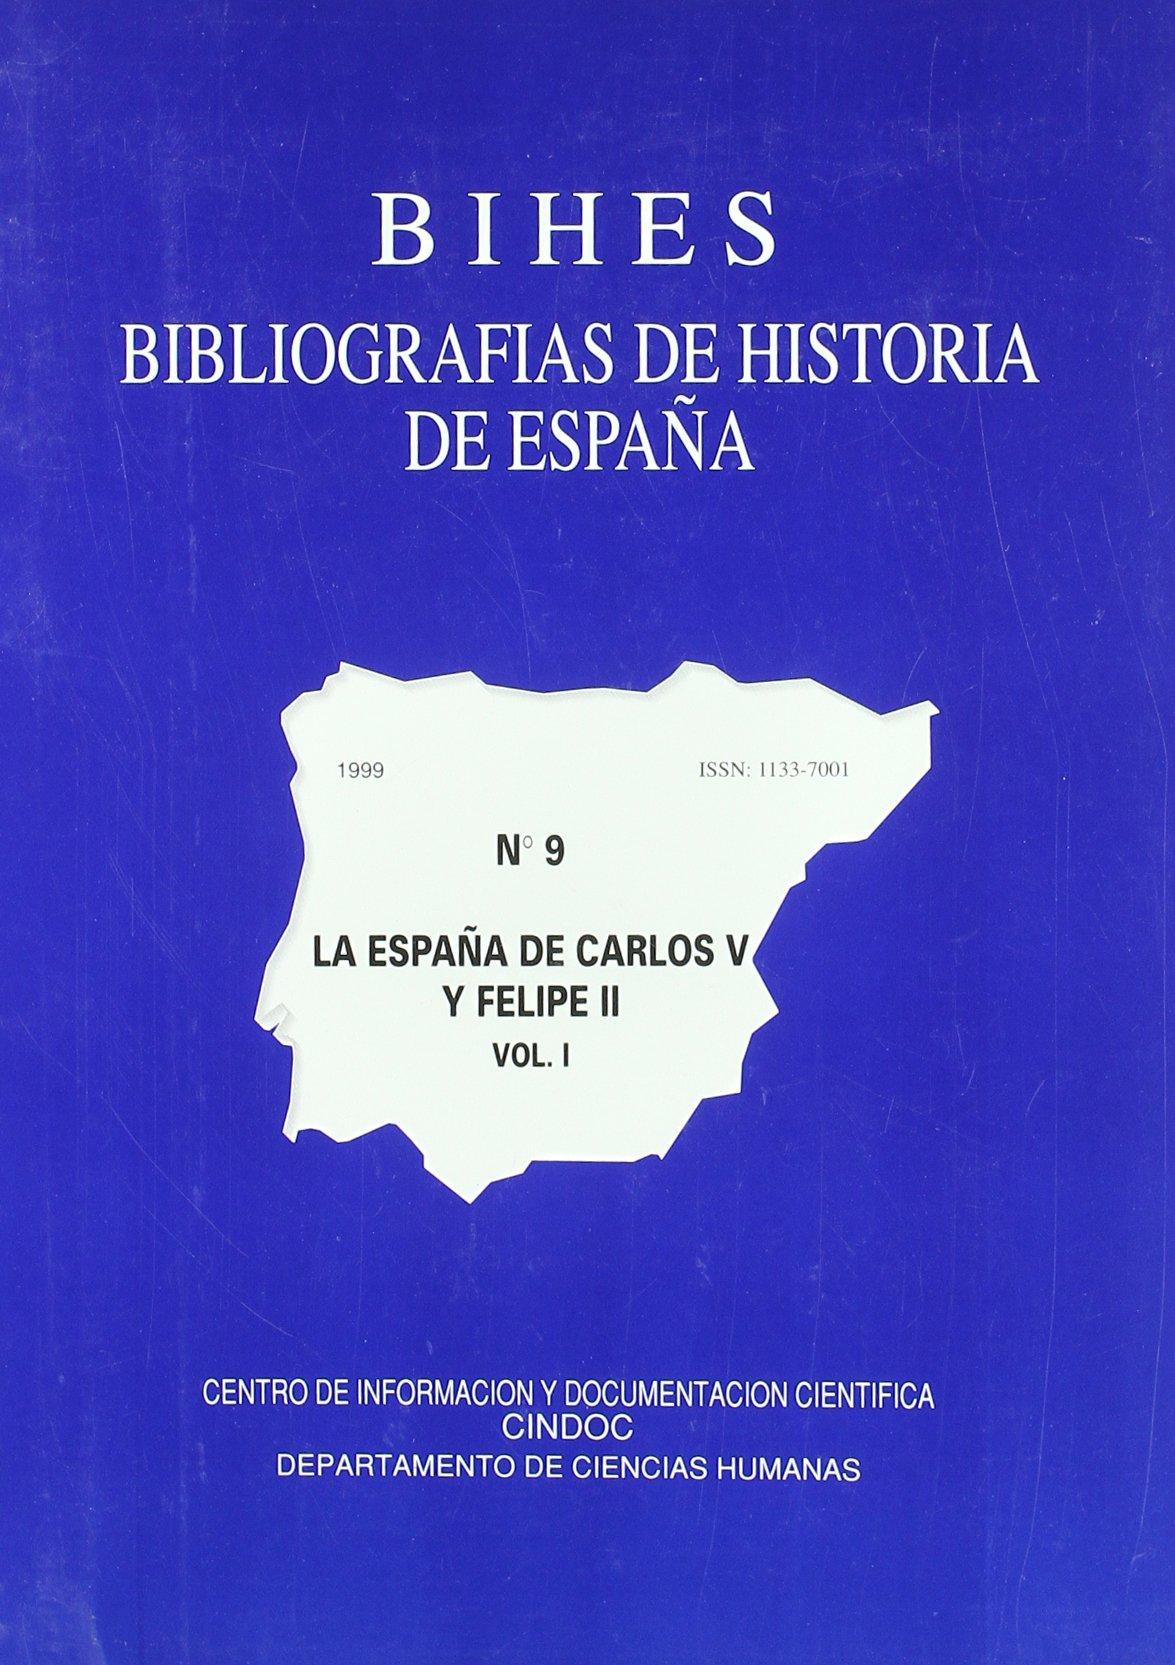 La España de Carlos V y Felipe II 2 vols. bibliografias hª de España, 9: Amazon.es: Andres Verdu, Rosario: Libros